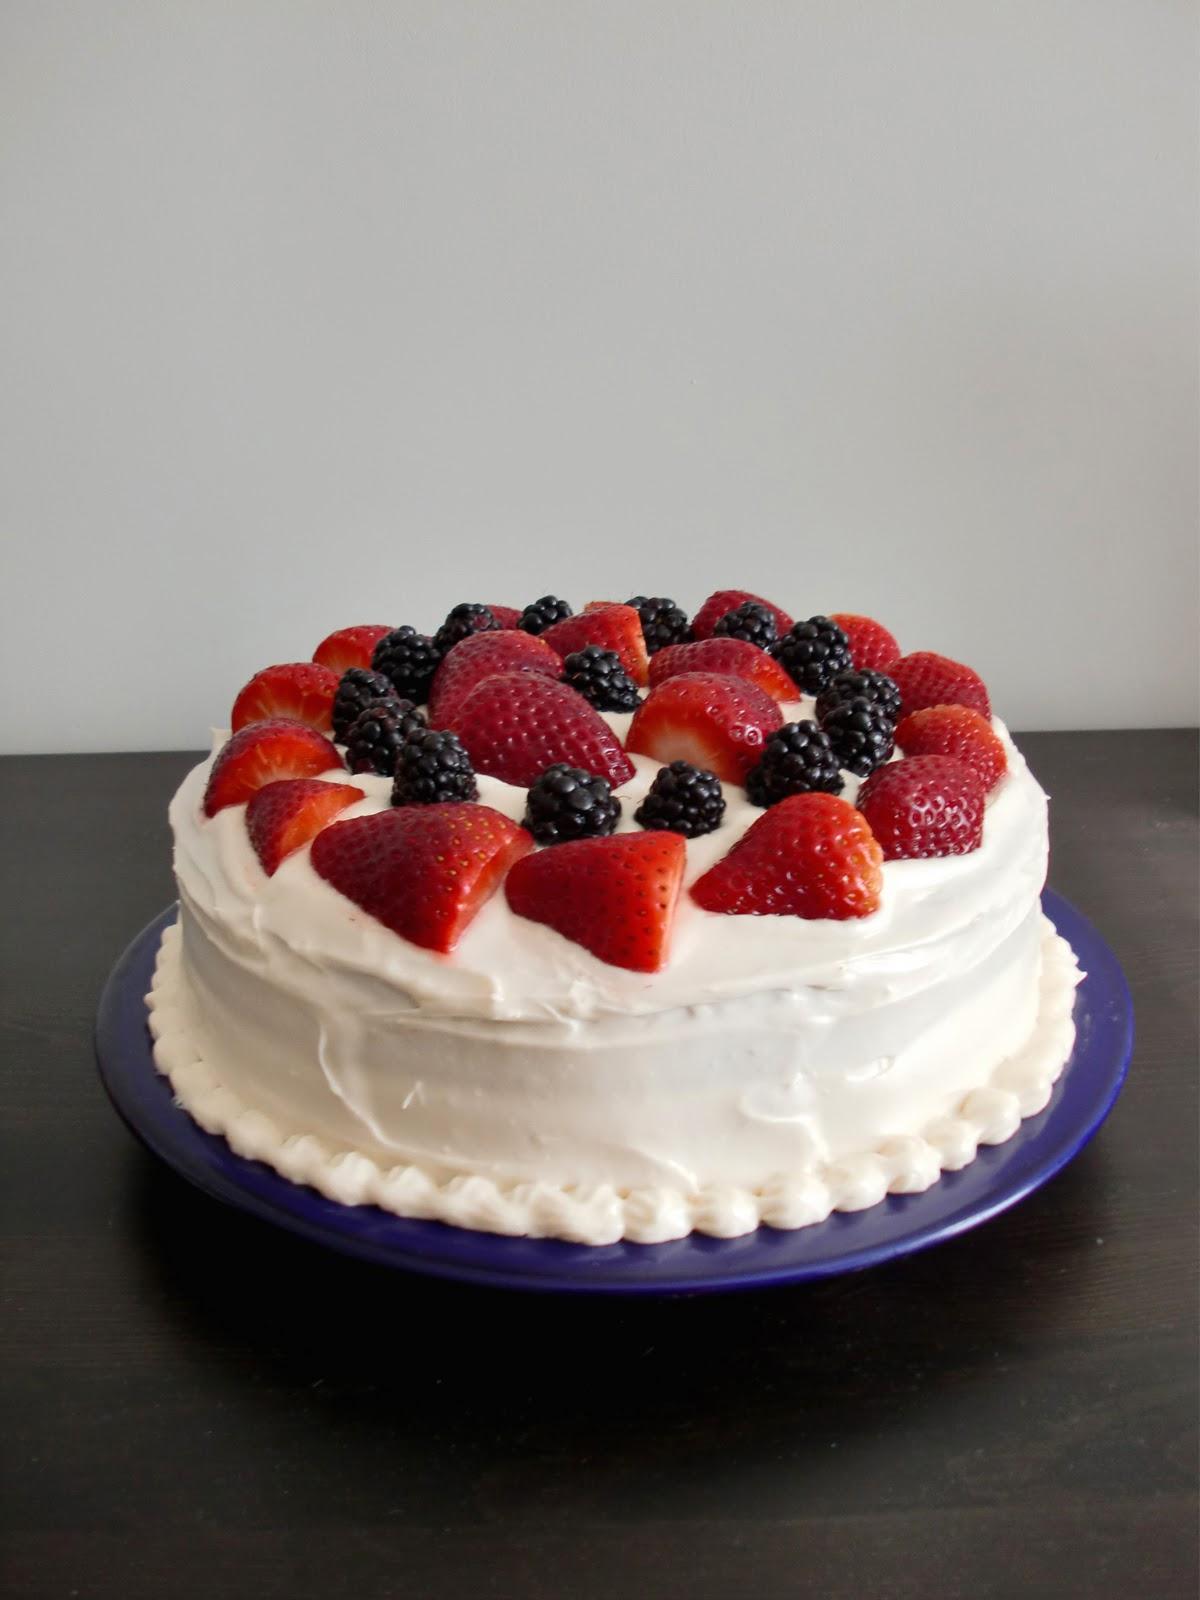 Sweet-E: Birthday Cakes: Chocolate, Berries, and Vegan Cream Cheese